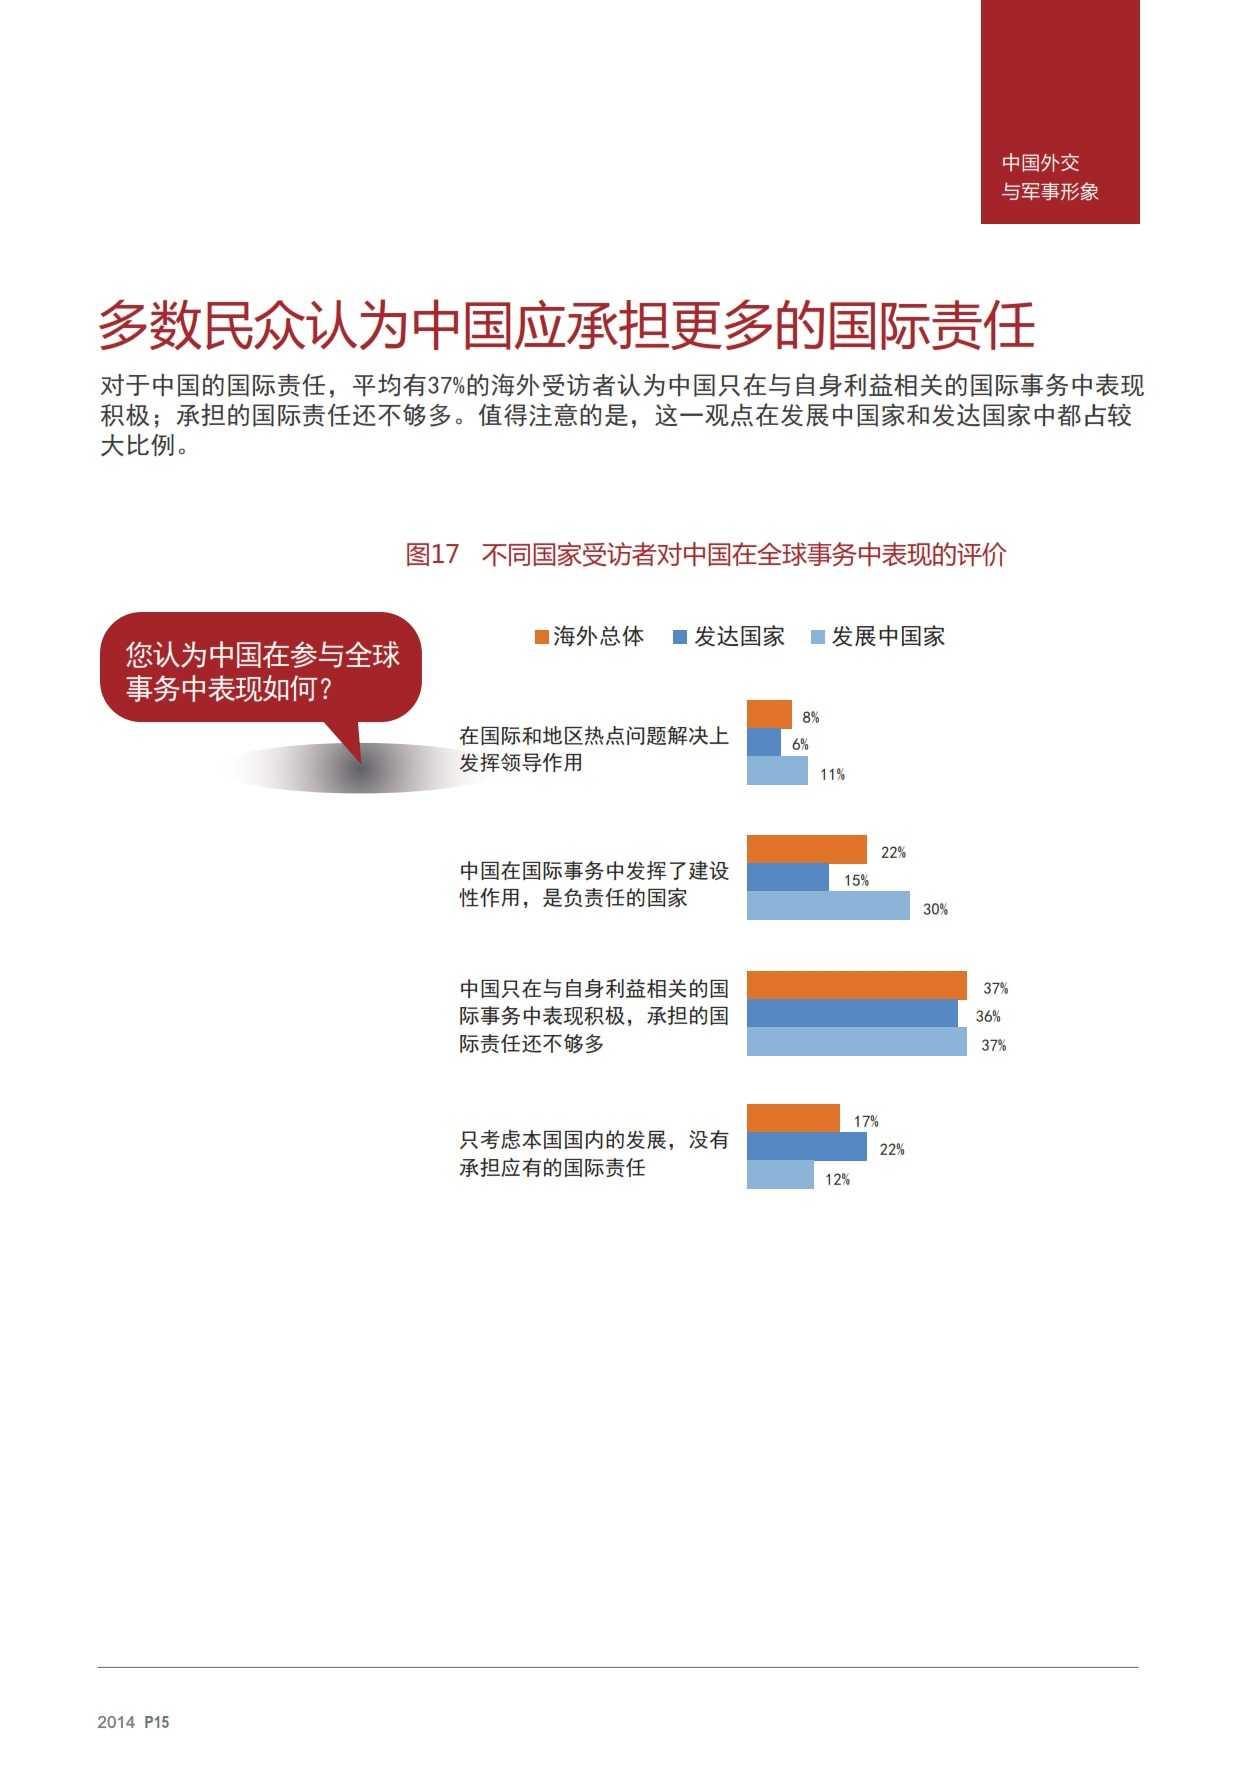 2014中国国家形象全球调查报告-v17_014